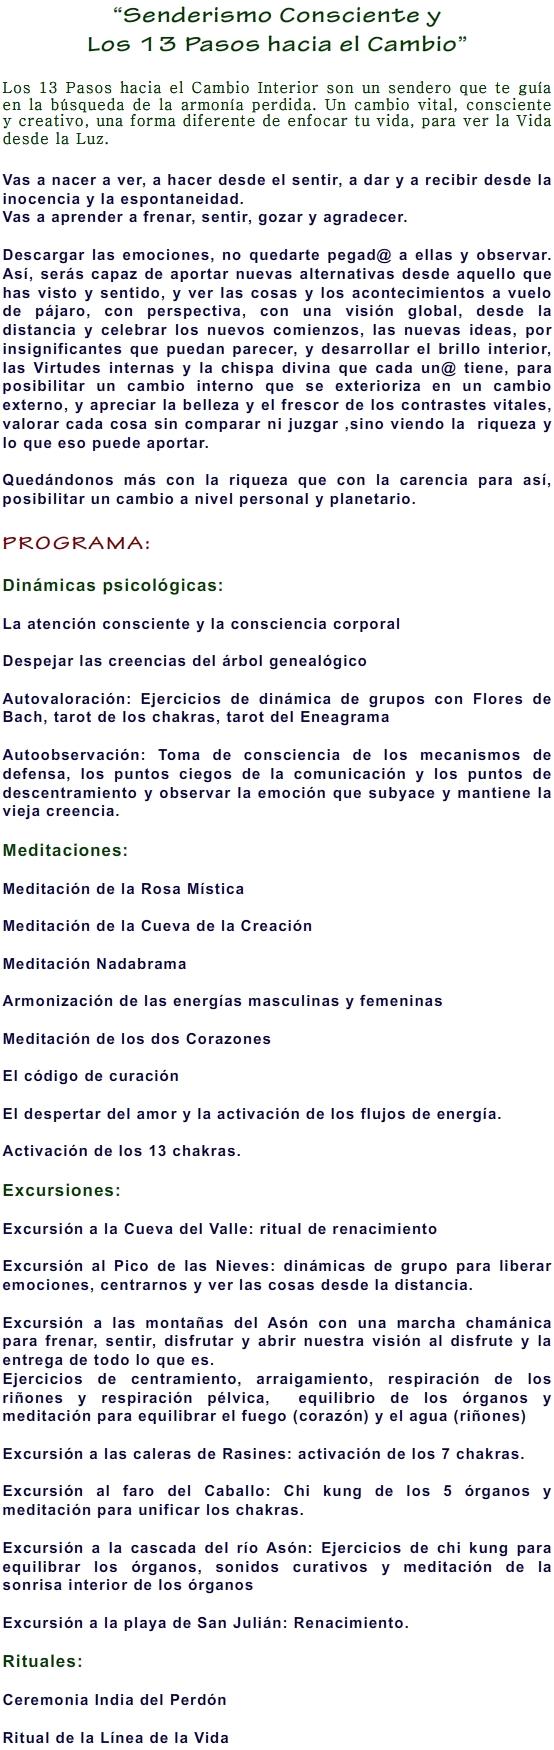 2014 SENDERISMO CONSCIENTE Y LOS 13 PASOS HACIA EL CAMBIO